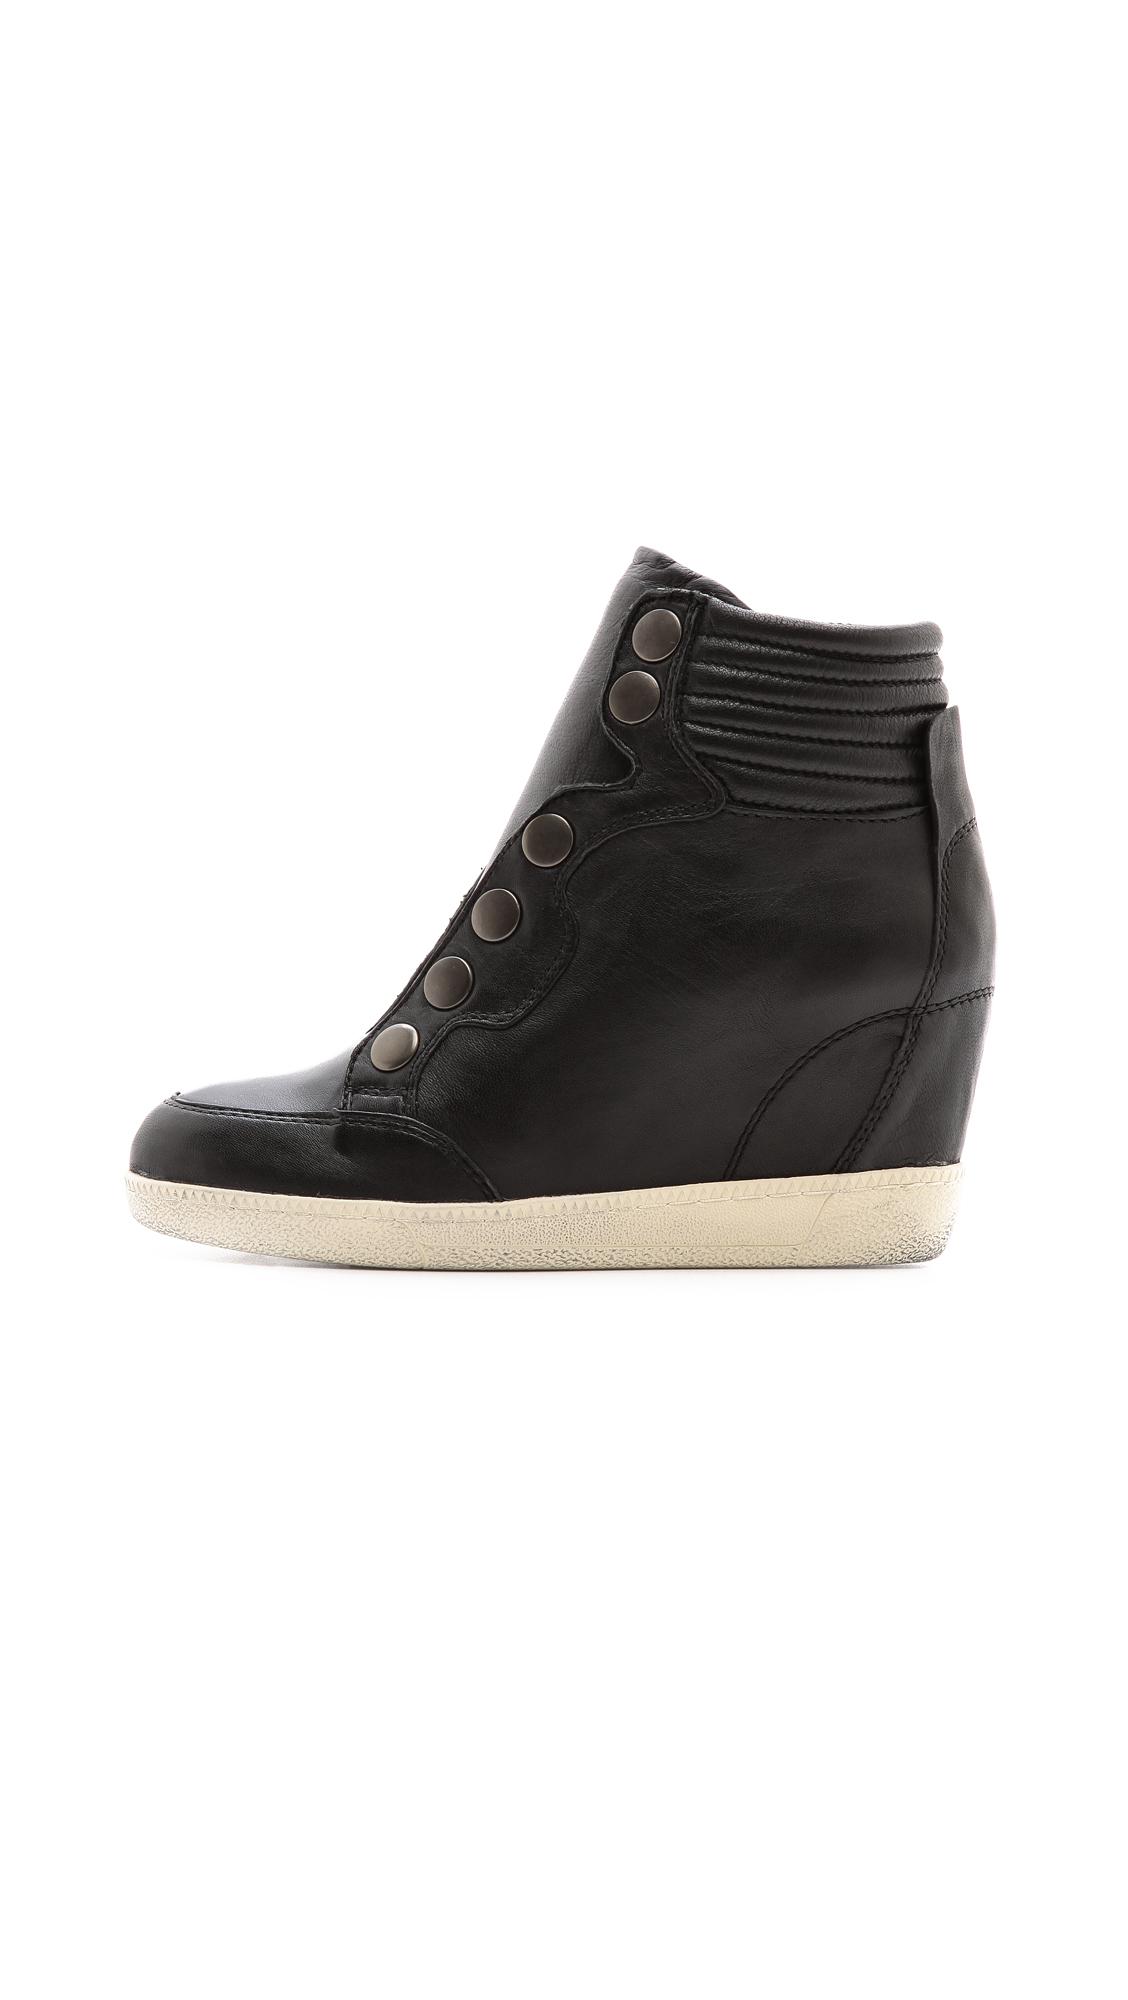 ash blade high top wedge sneakers black in black